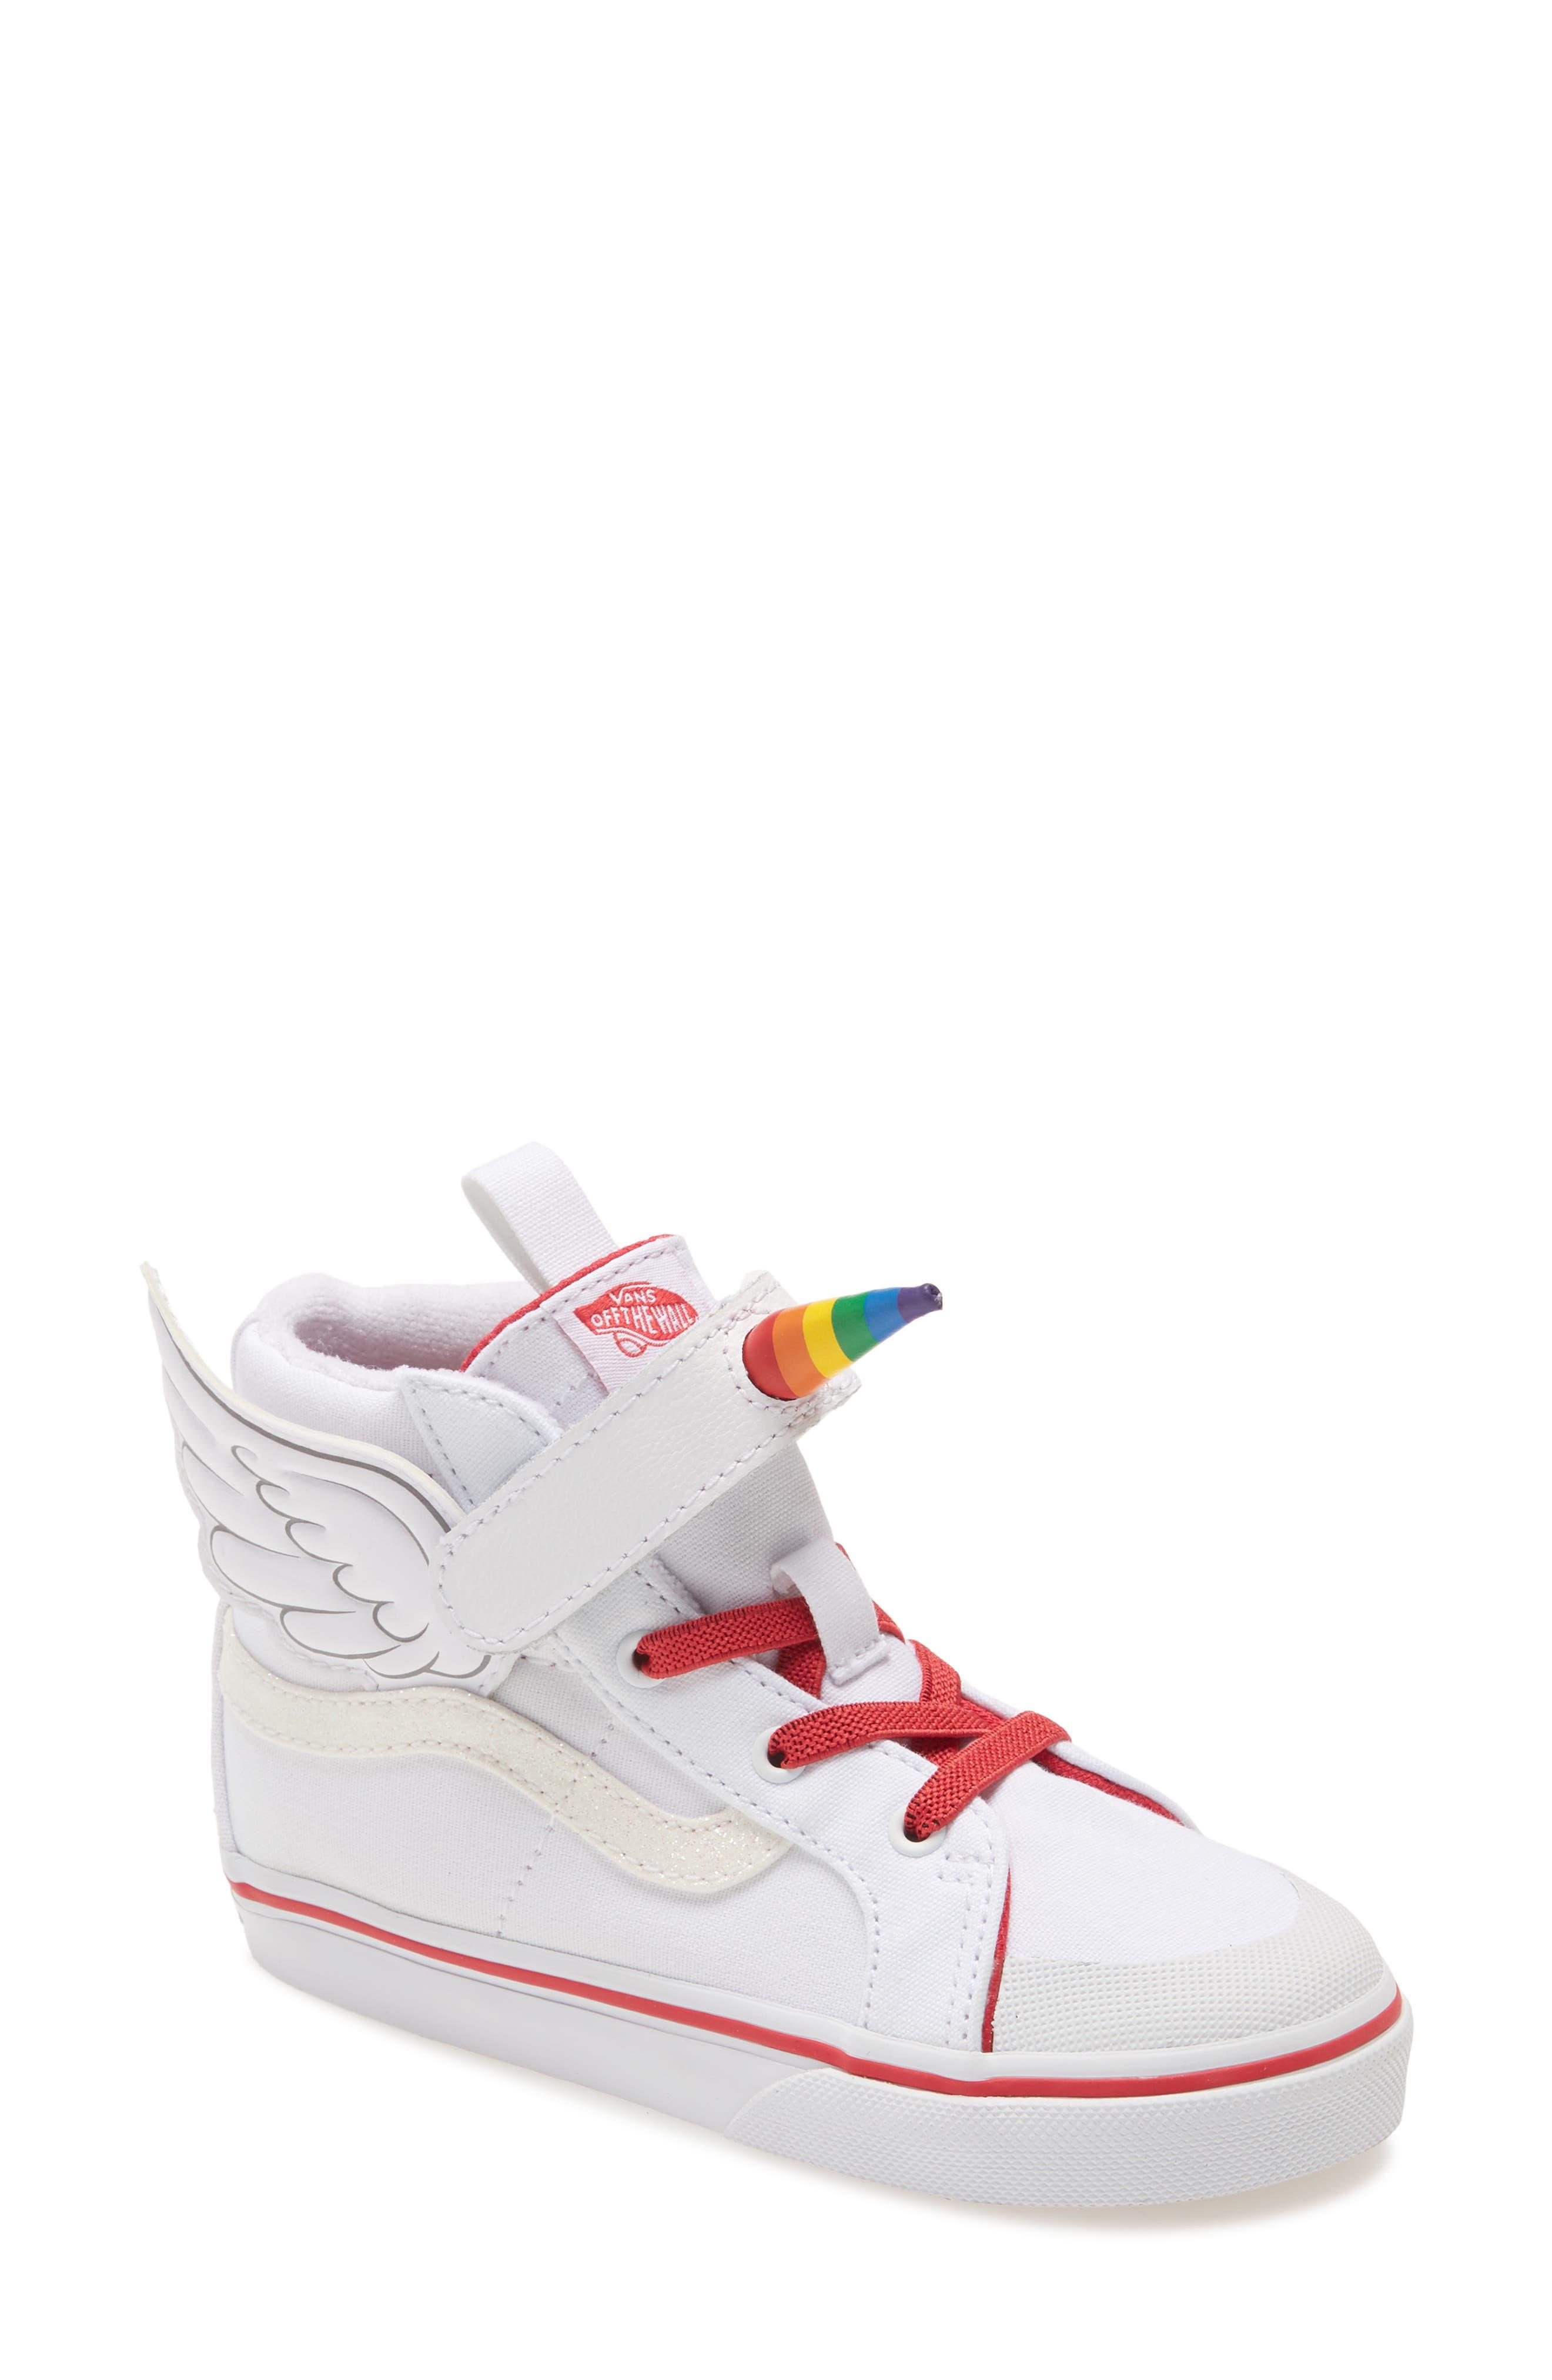 Image of VANS Fling SK8-Hi Reissue 138 Sneaker